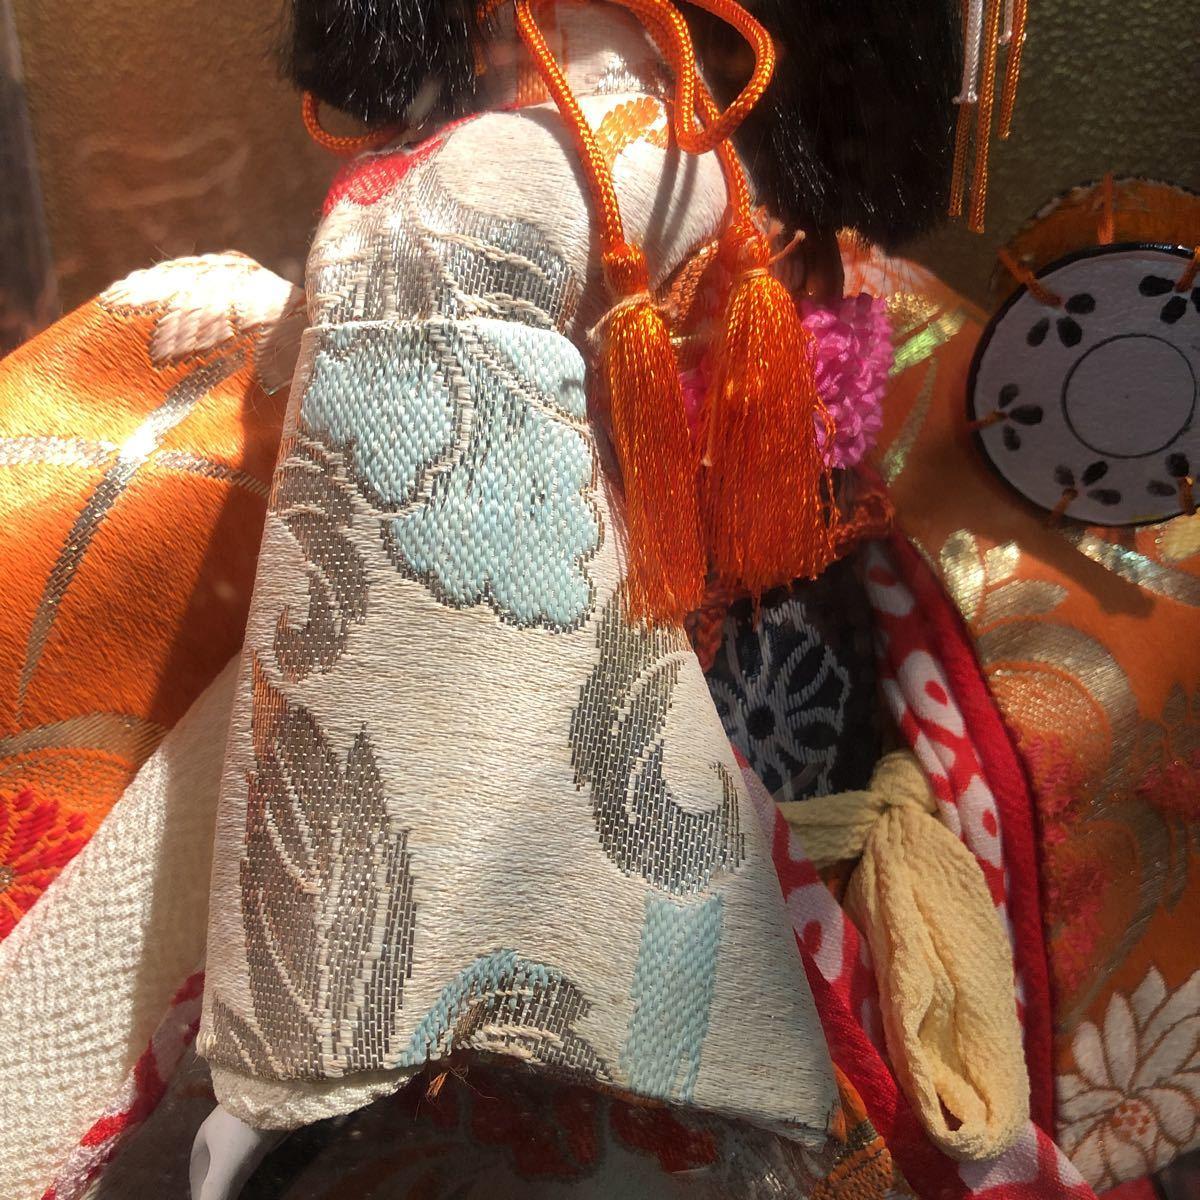 3283 浅妻 古い レトロ 日本人形 ガラスケースつき 昭和レトロ アンティーク 幅29cm高さ43cm奥行き24cm_画像4